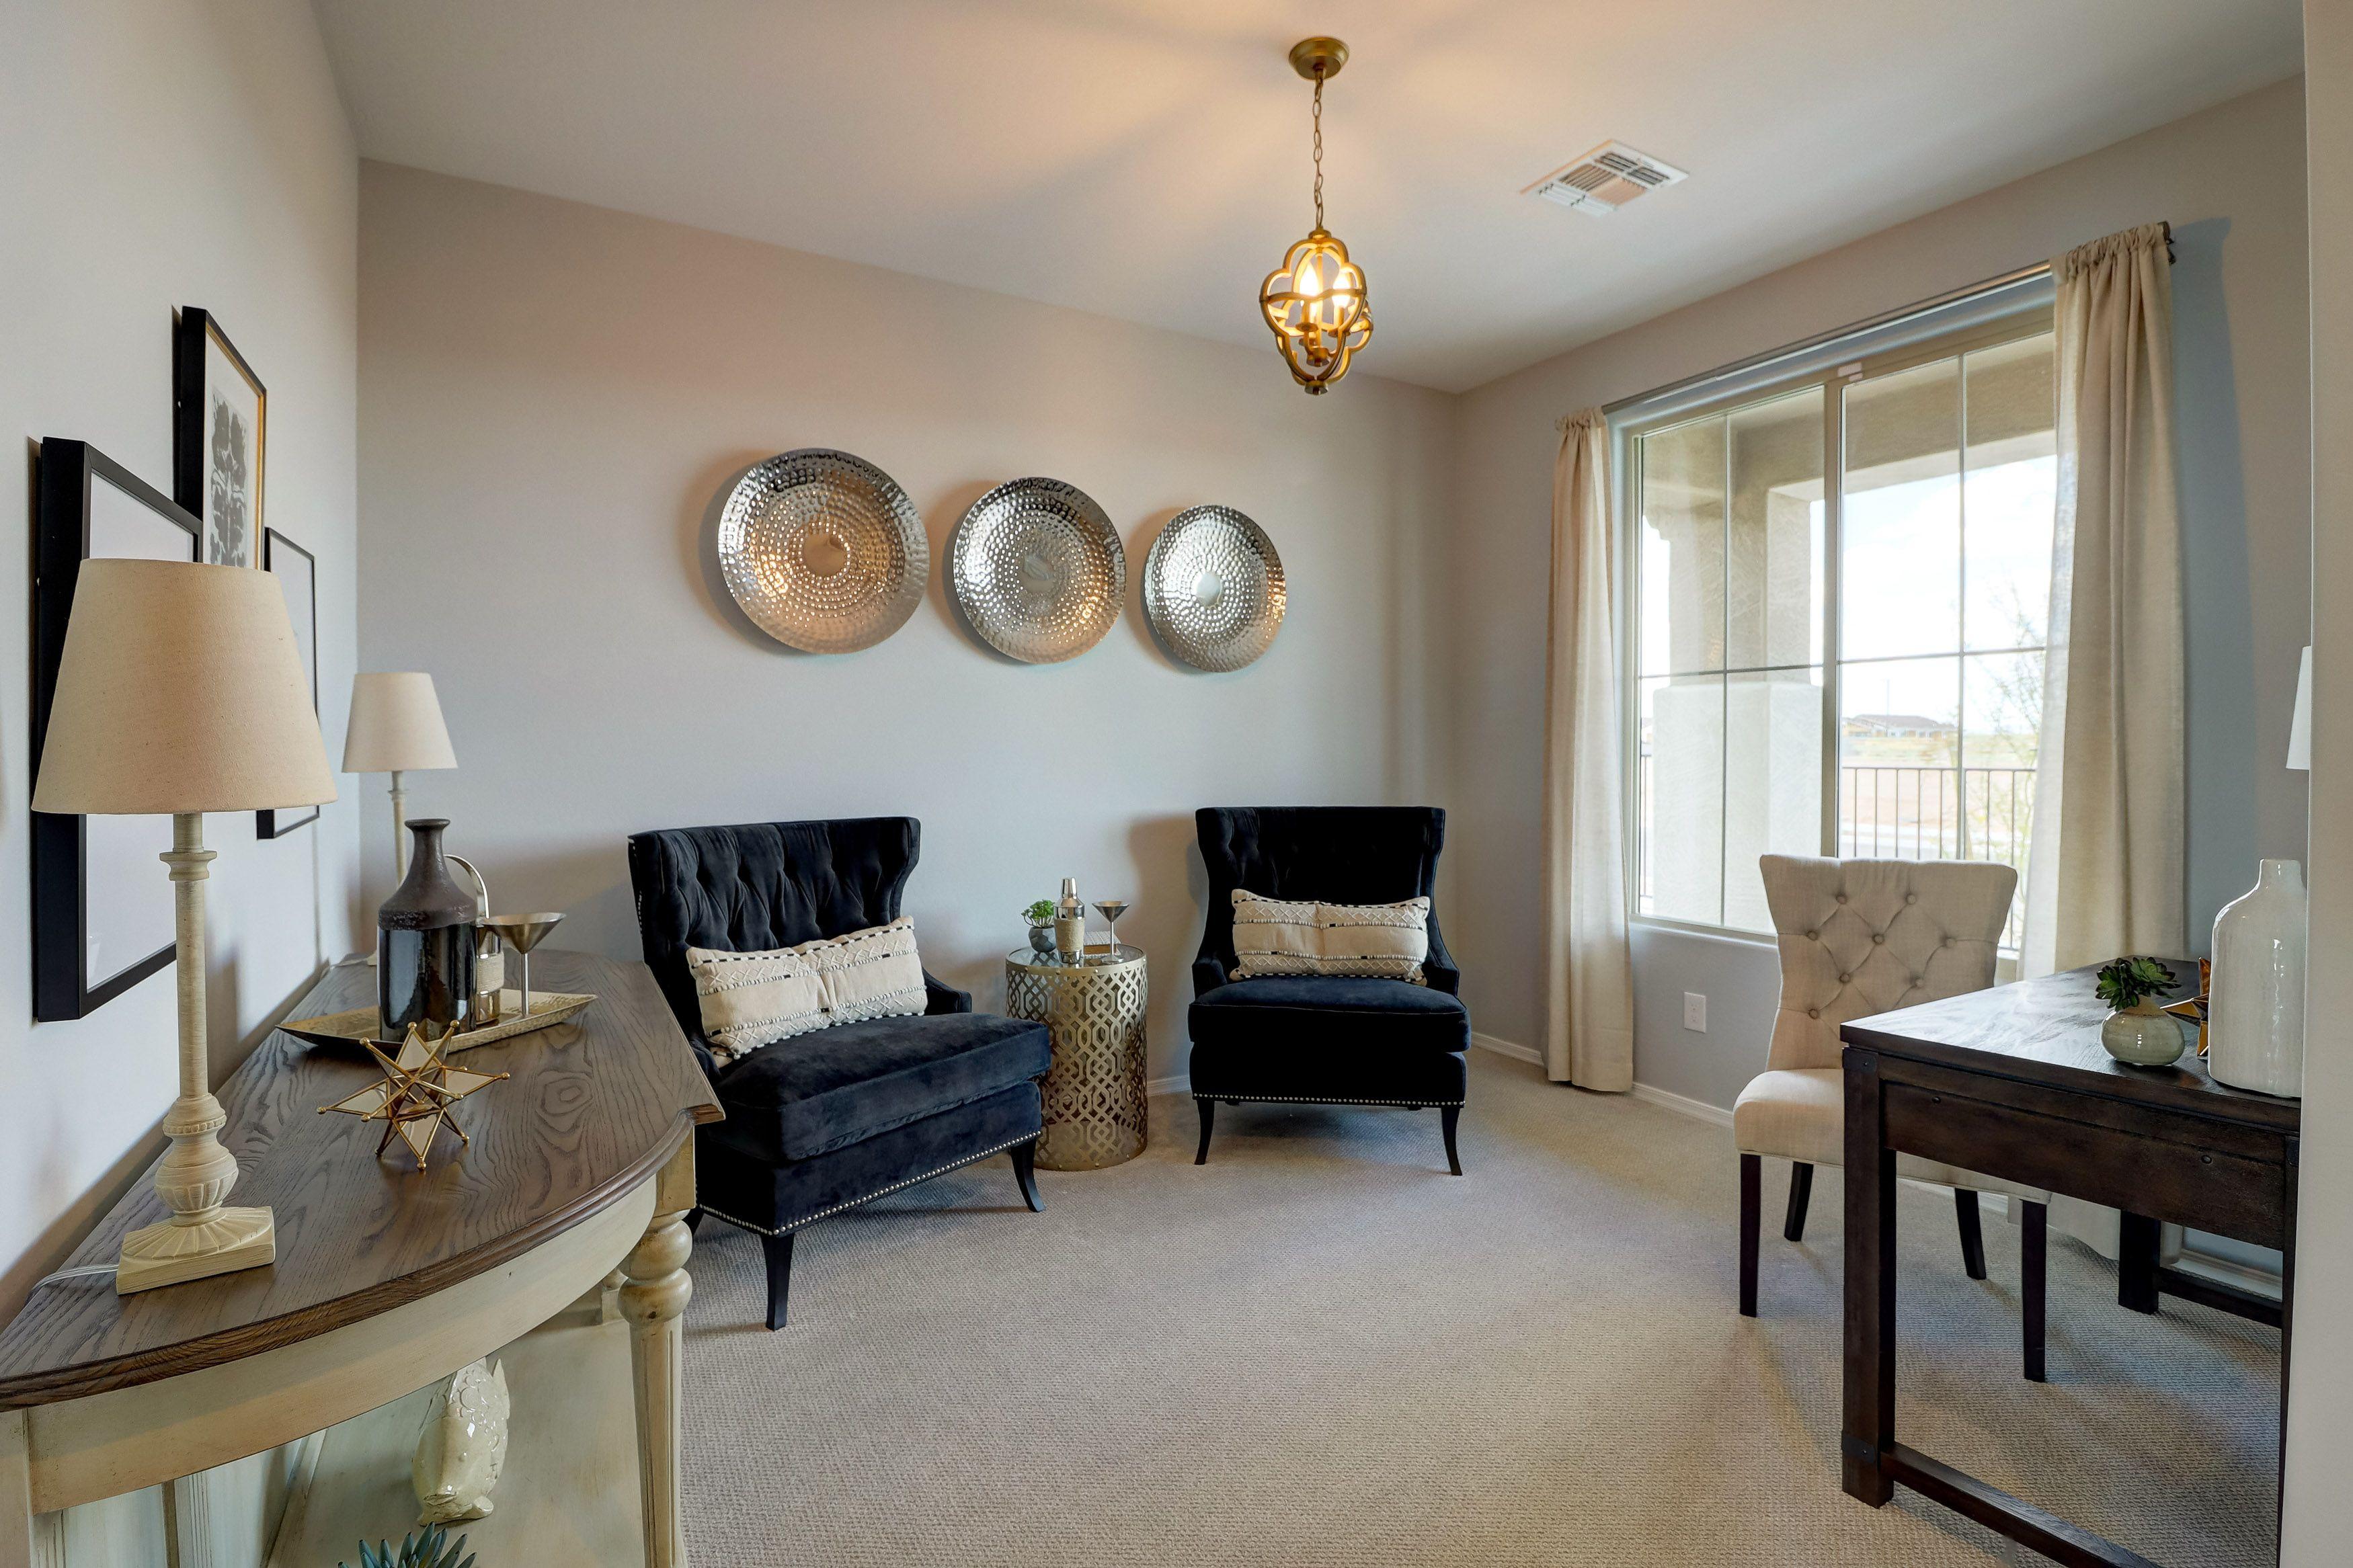 Living Area featured in the Oak Creek W/ 8' Double Gate By Landsea Homes in Phoenix-Mesa, AZ